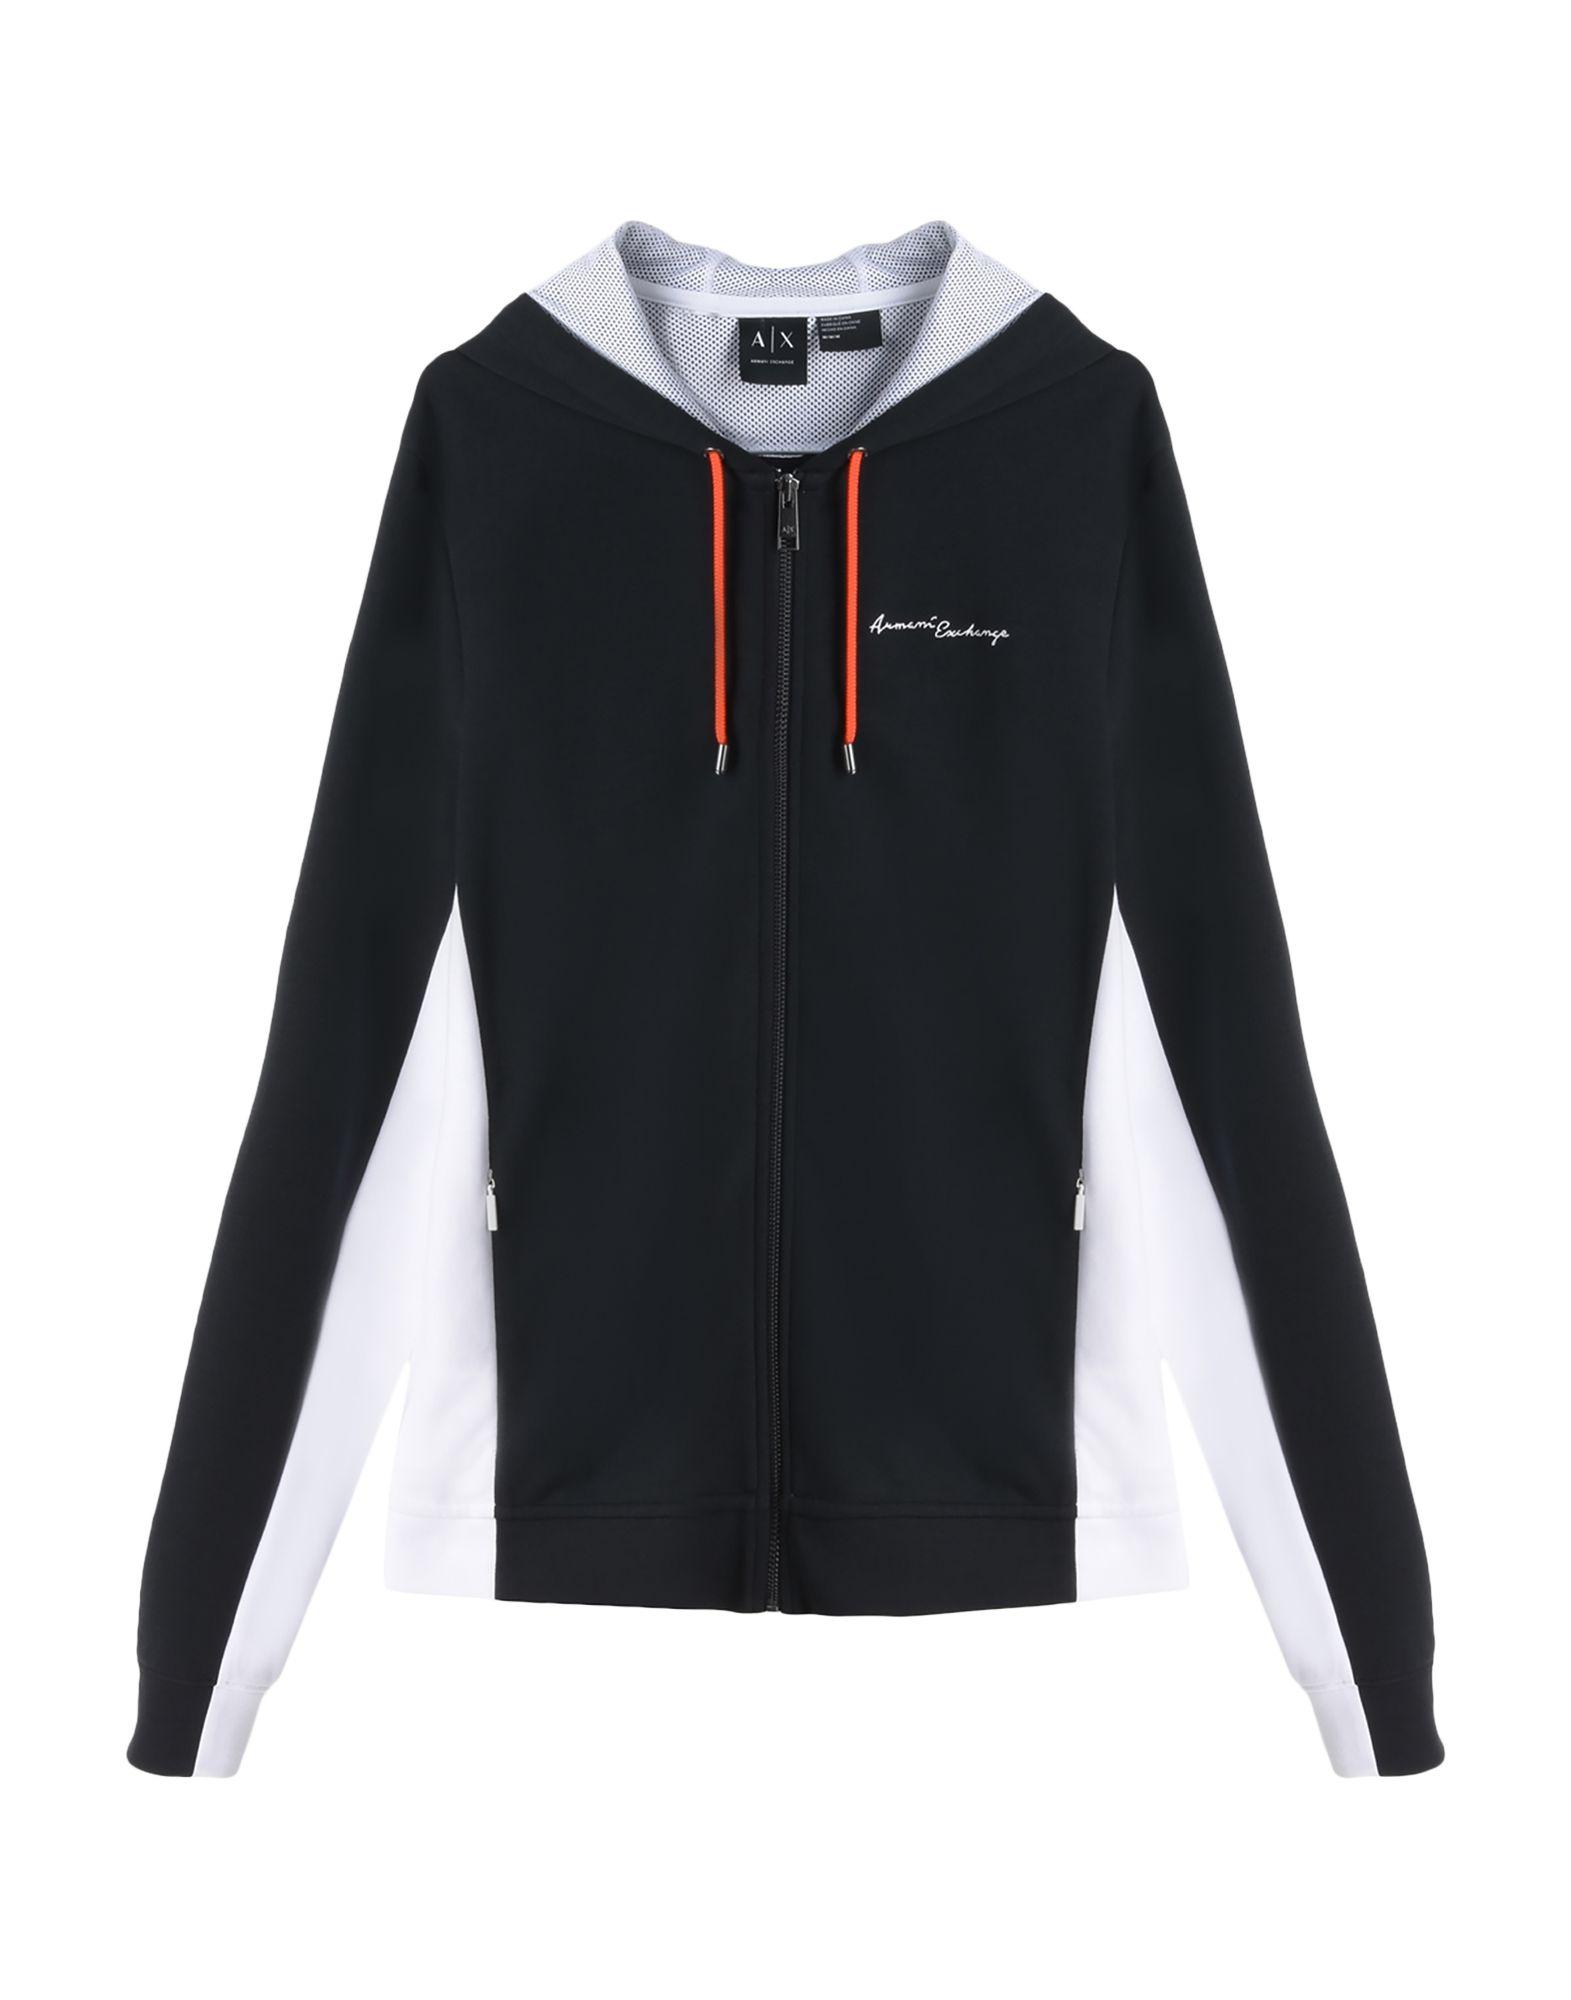 《送料無料》ARMANI EXCHANGE メンズ スウェットシャツ ブラック S コットン 68% / ポリエステル 32%